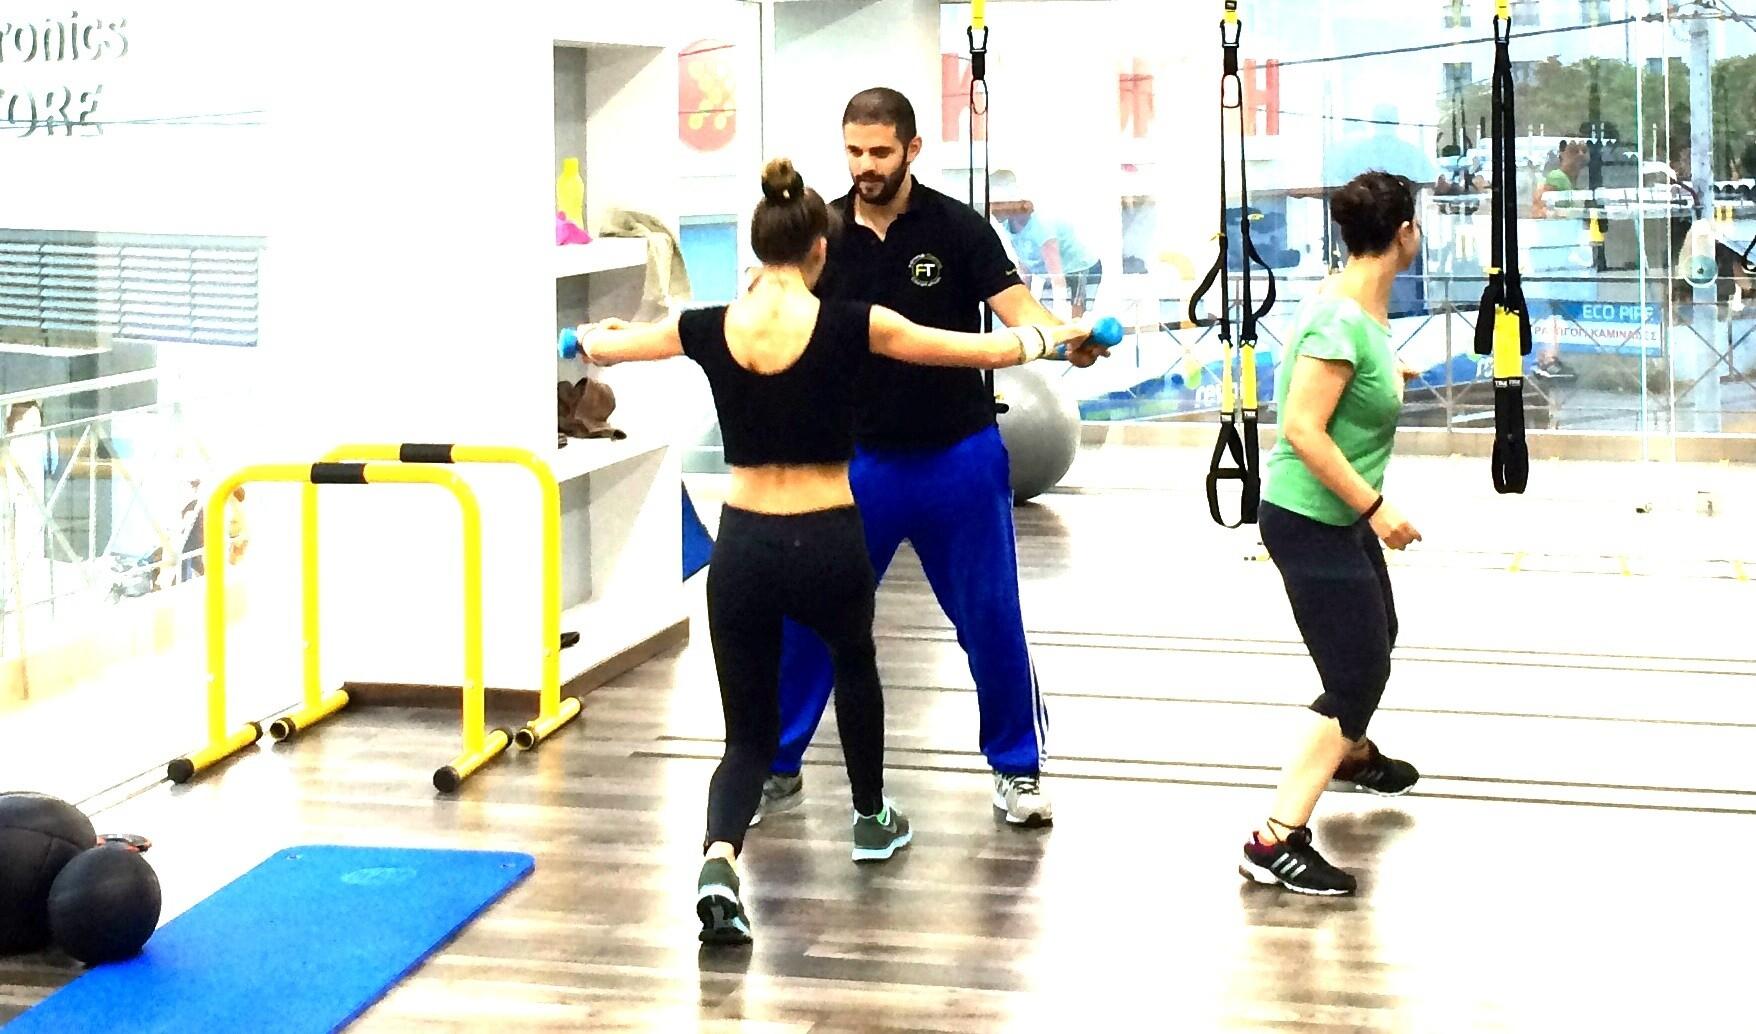 Οφέλη της τακτικής σωματικής δραστηριότητας